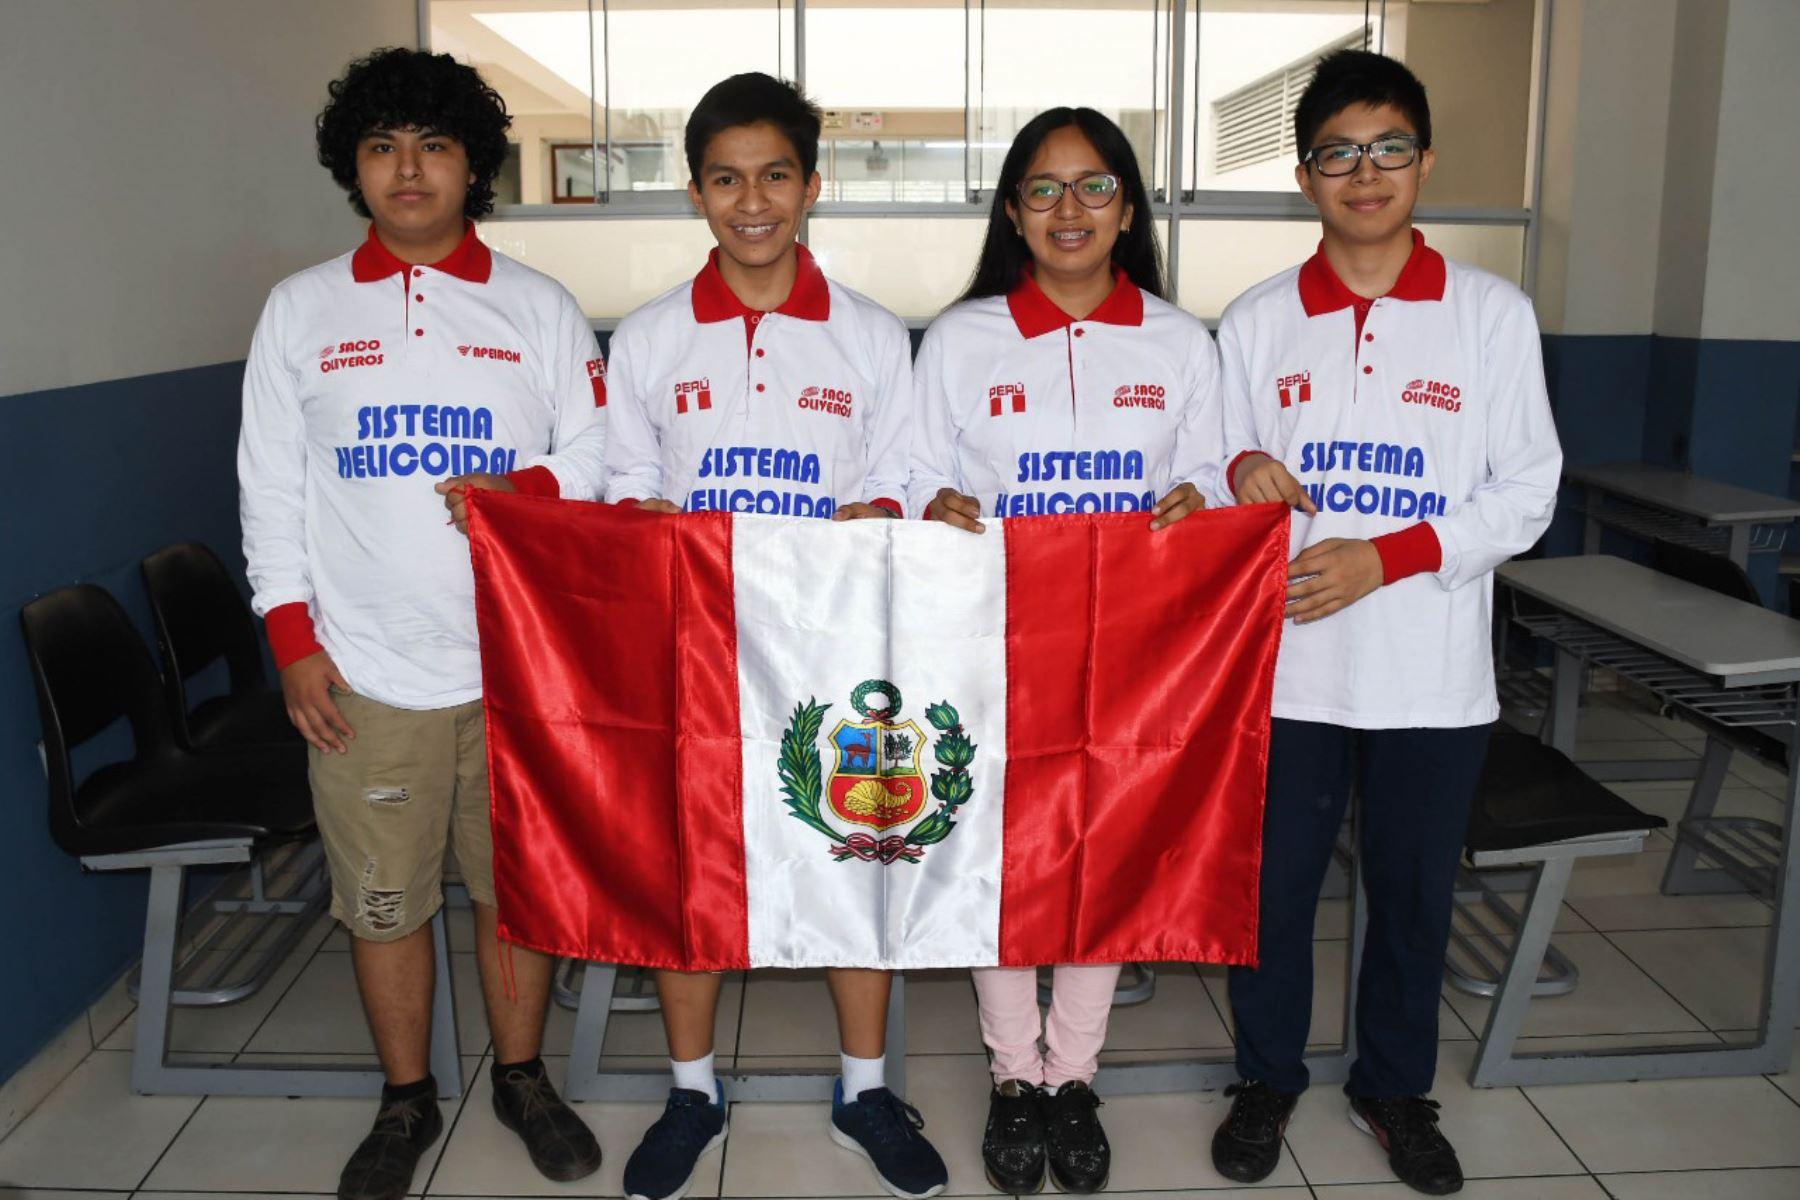 El equipo nacional está conformado por Joseph Altamirano Pacheco, Mijaíl Gutiérrez Bustamante, Carla Fermín Jiménez y Mario Mariona Morocho. Foto: Difusión